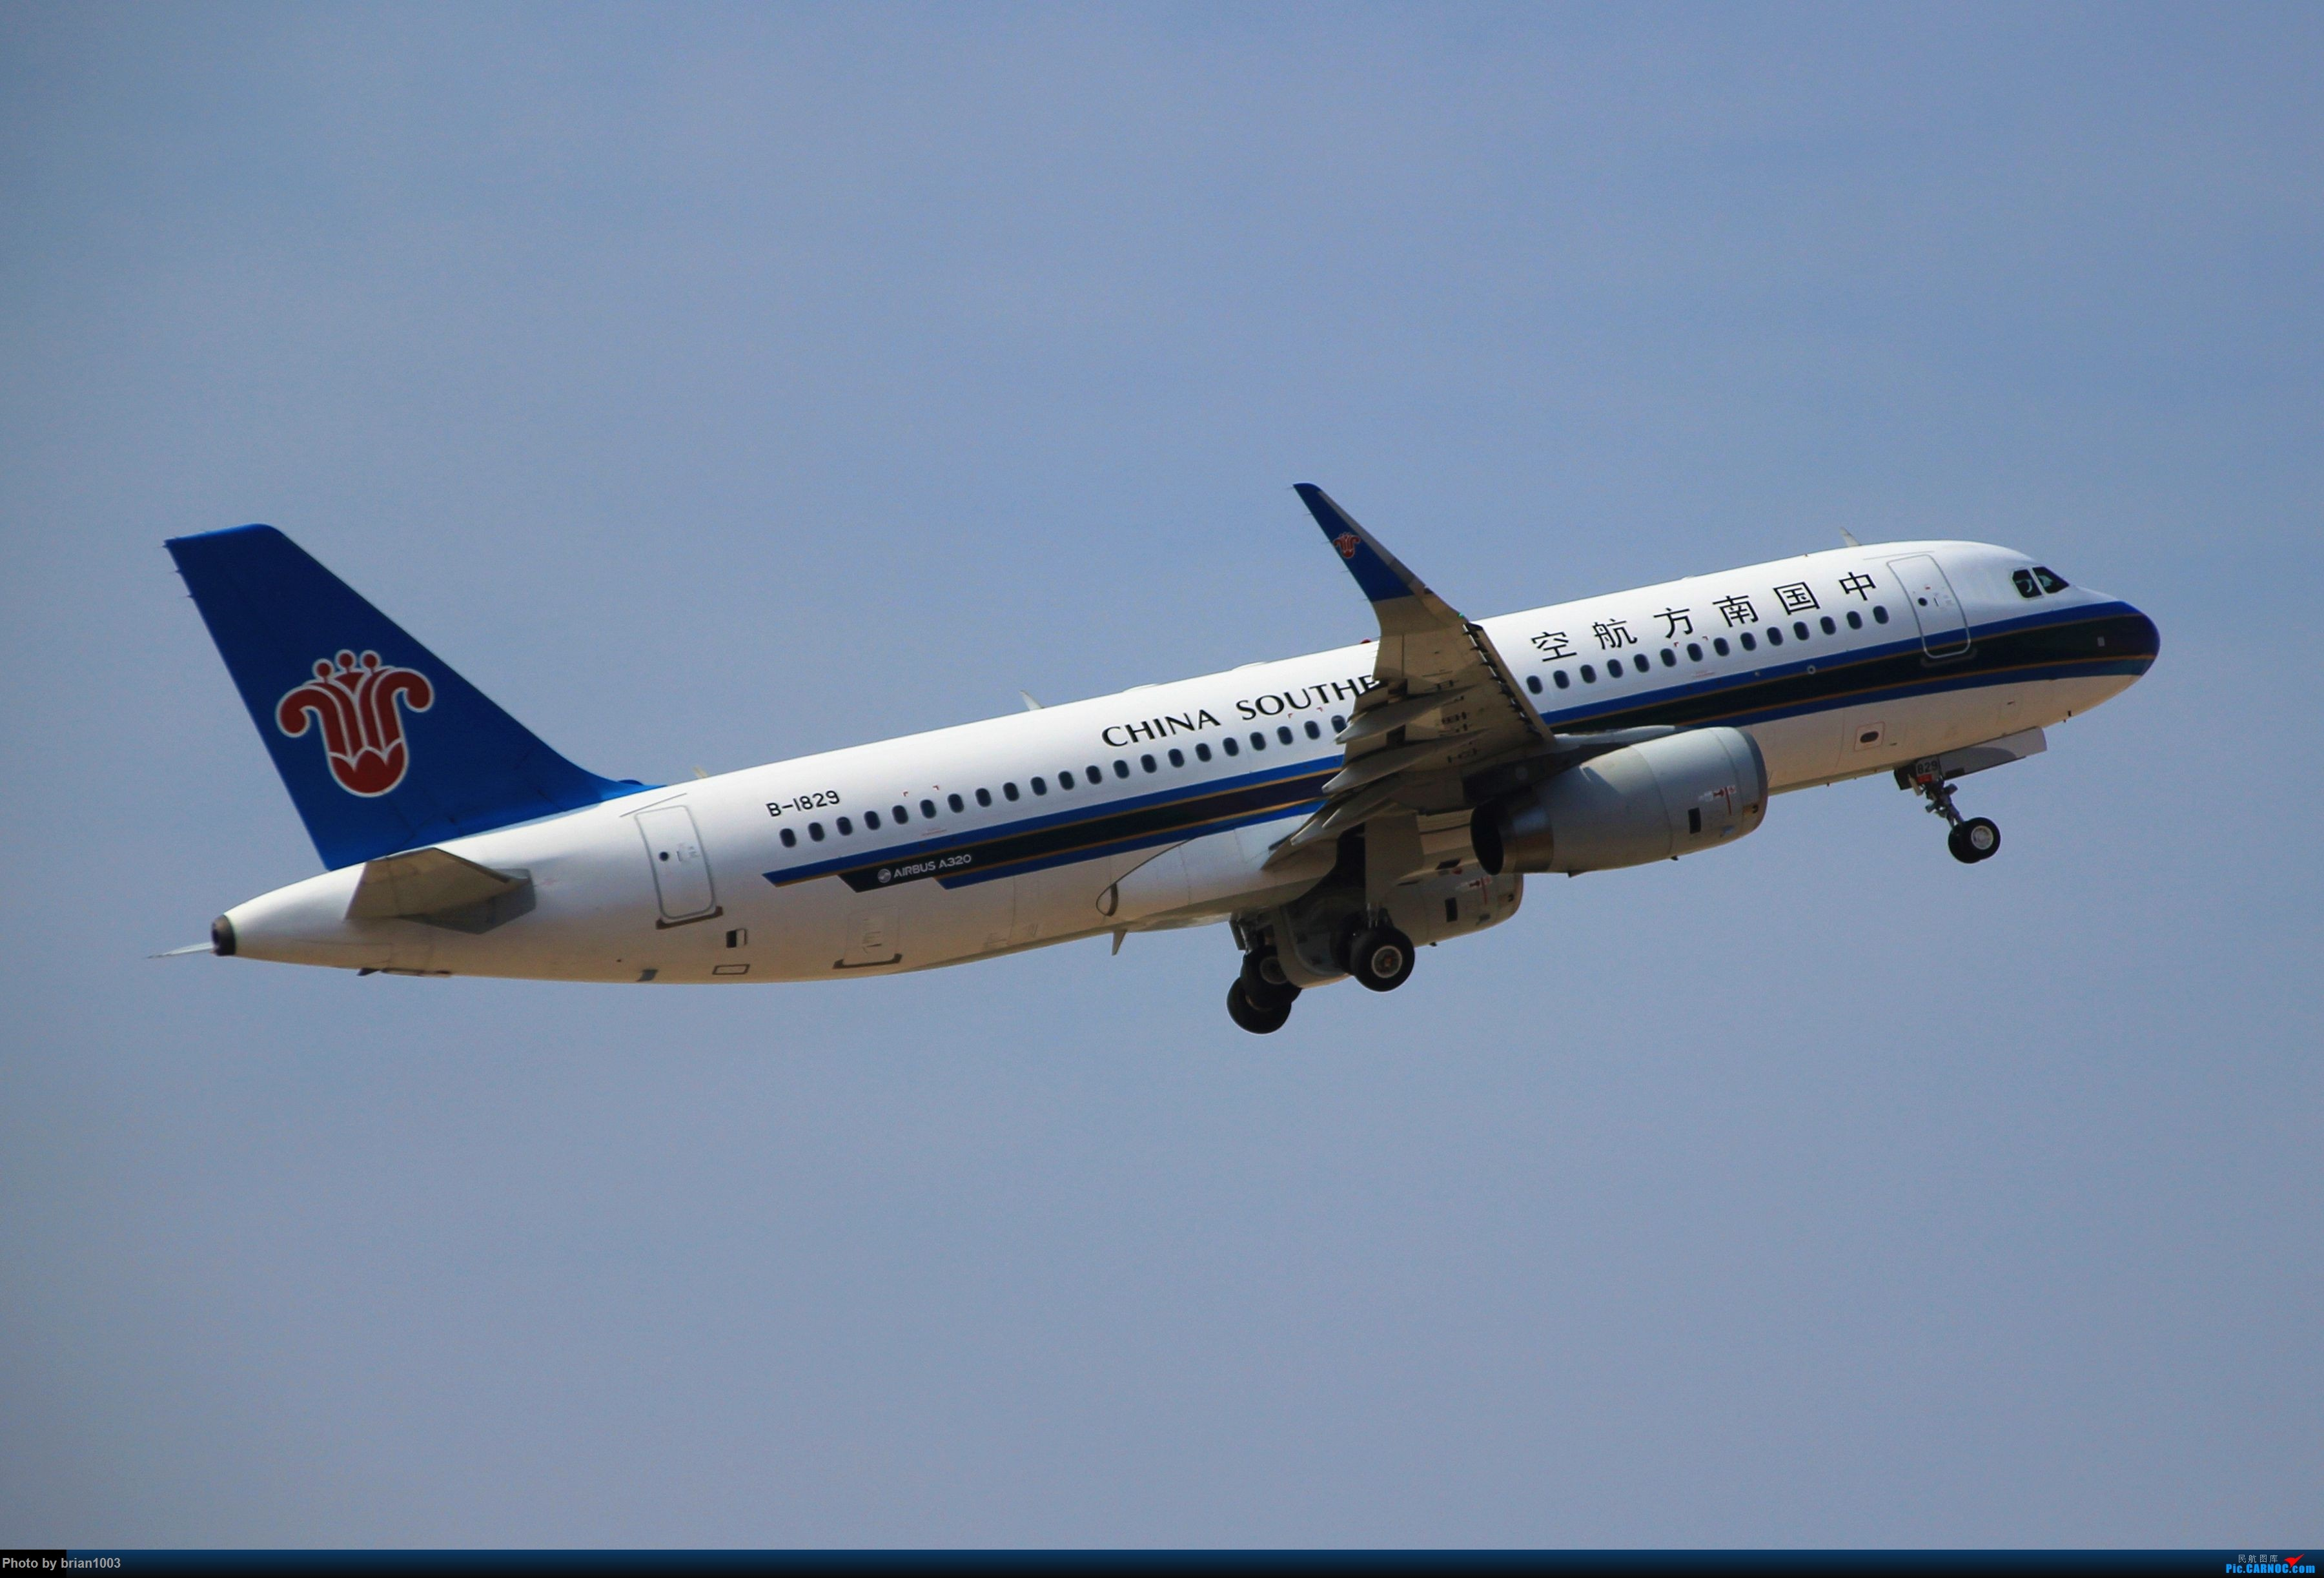 Re:[原创]WUH武汉天河机场拍机之精彩满满的十月(还可能更新) AIRBUS A320-200 B-1829 中国武汉天河国际机场